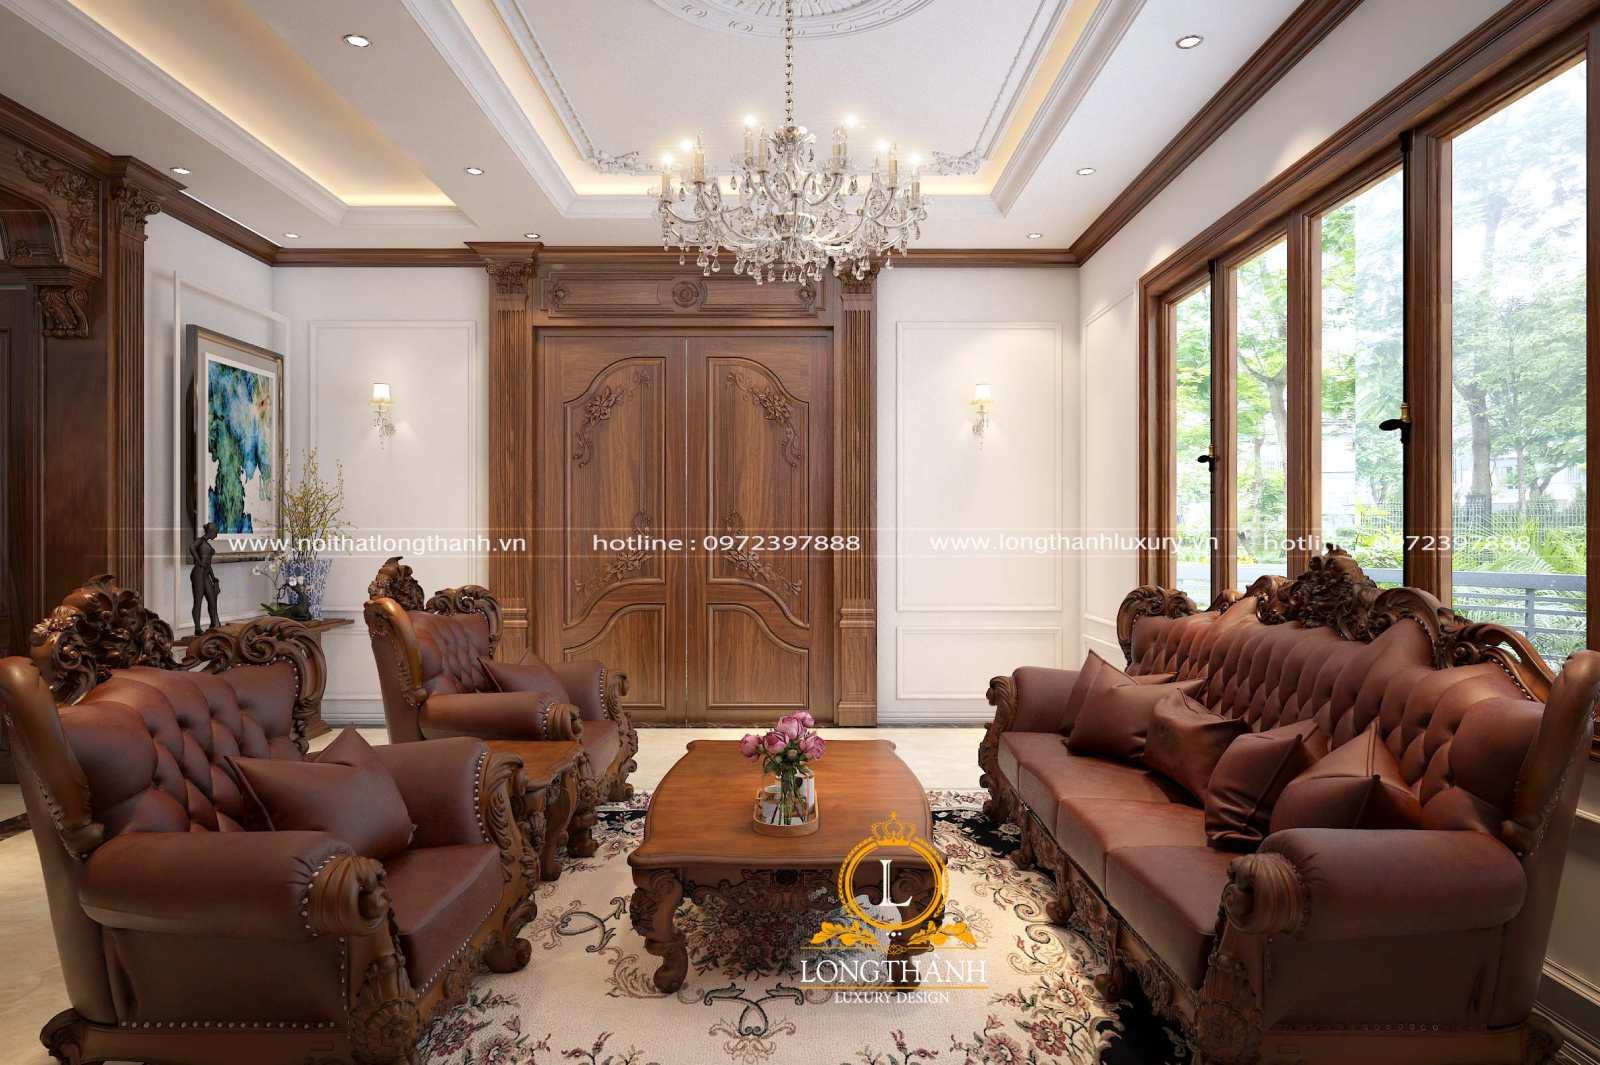 Sofa da tân cổ điển cho phòng khách sang trọng đẳng cấp